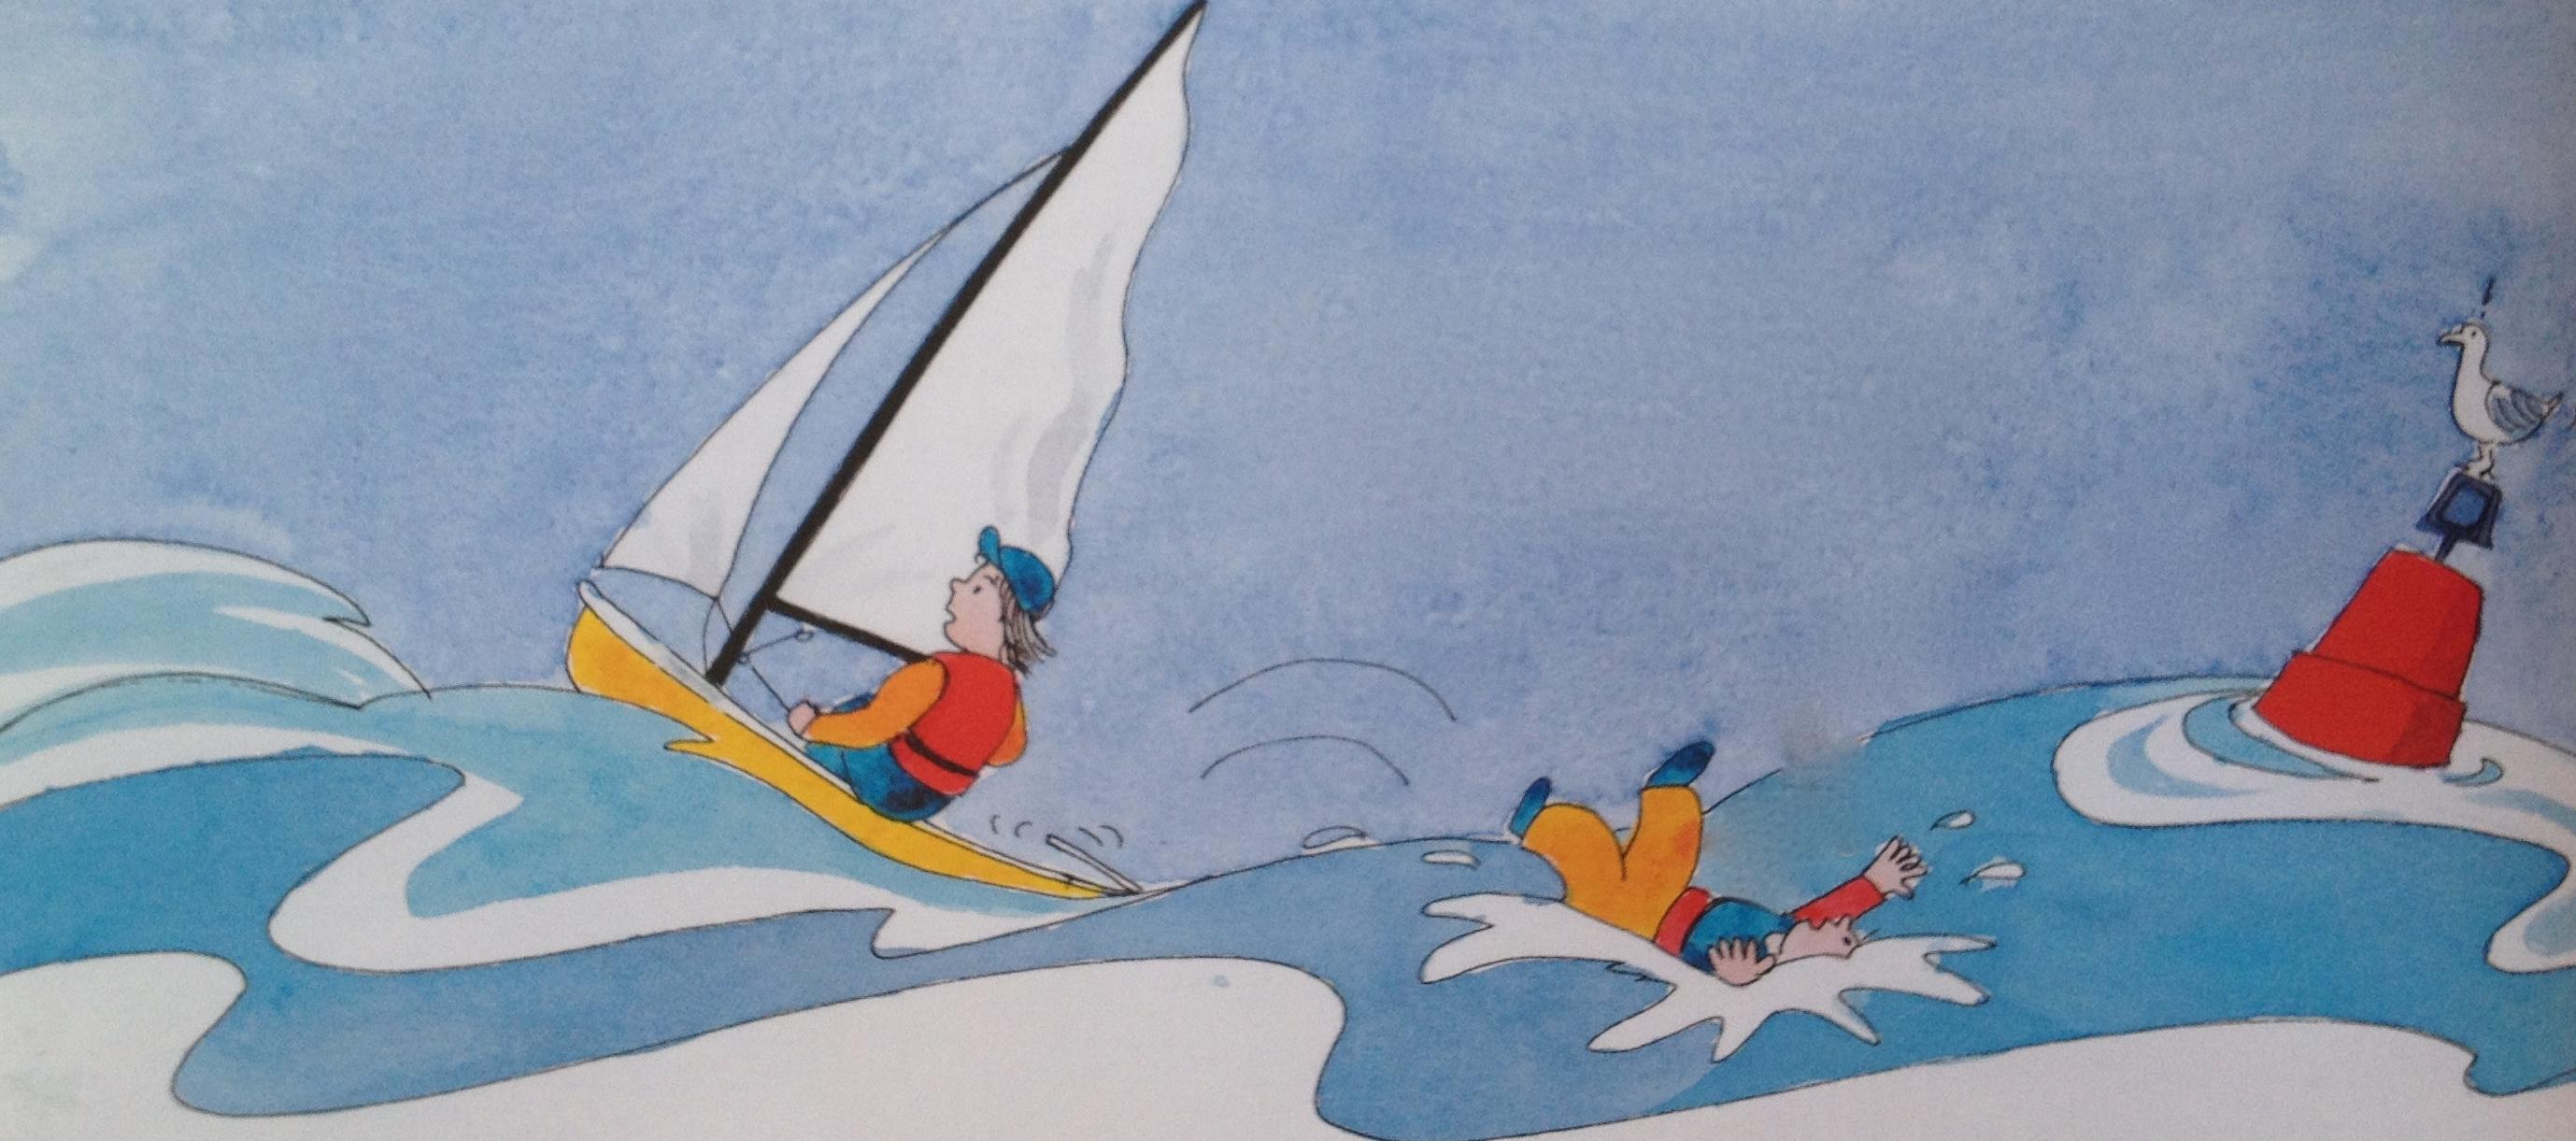 救生衣 航行中若有船员不慎掉入水中,采用以下办法尽快解救。 64c.jpg